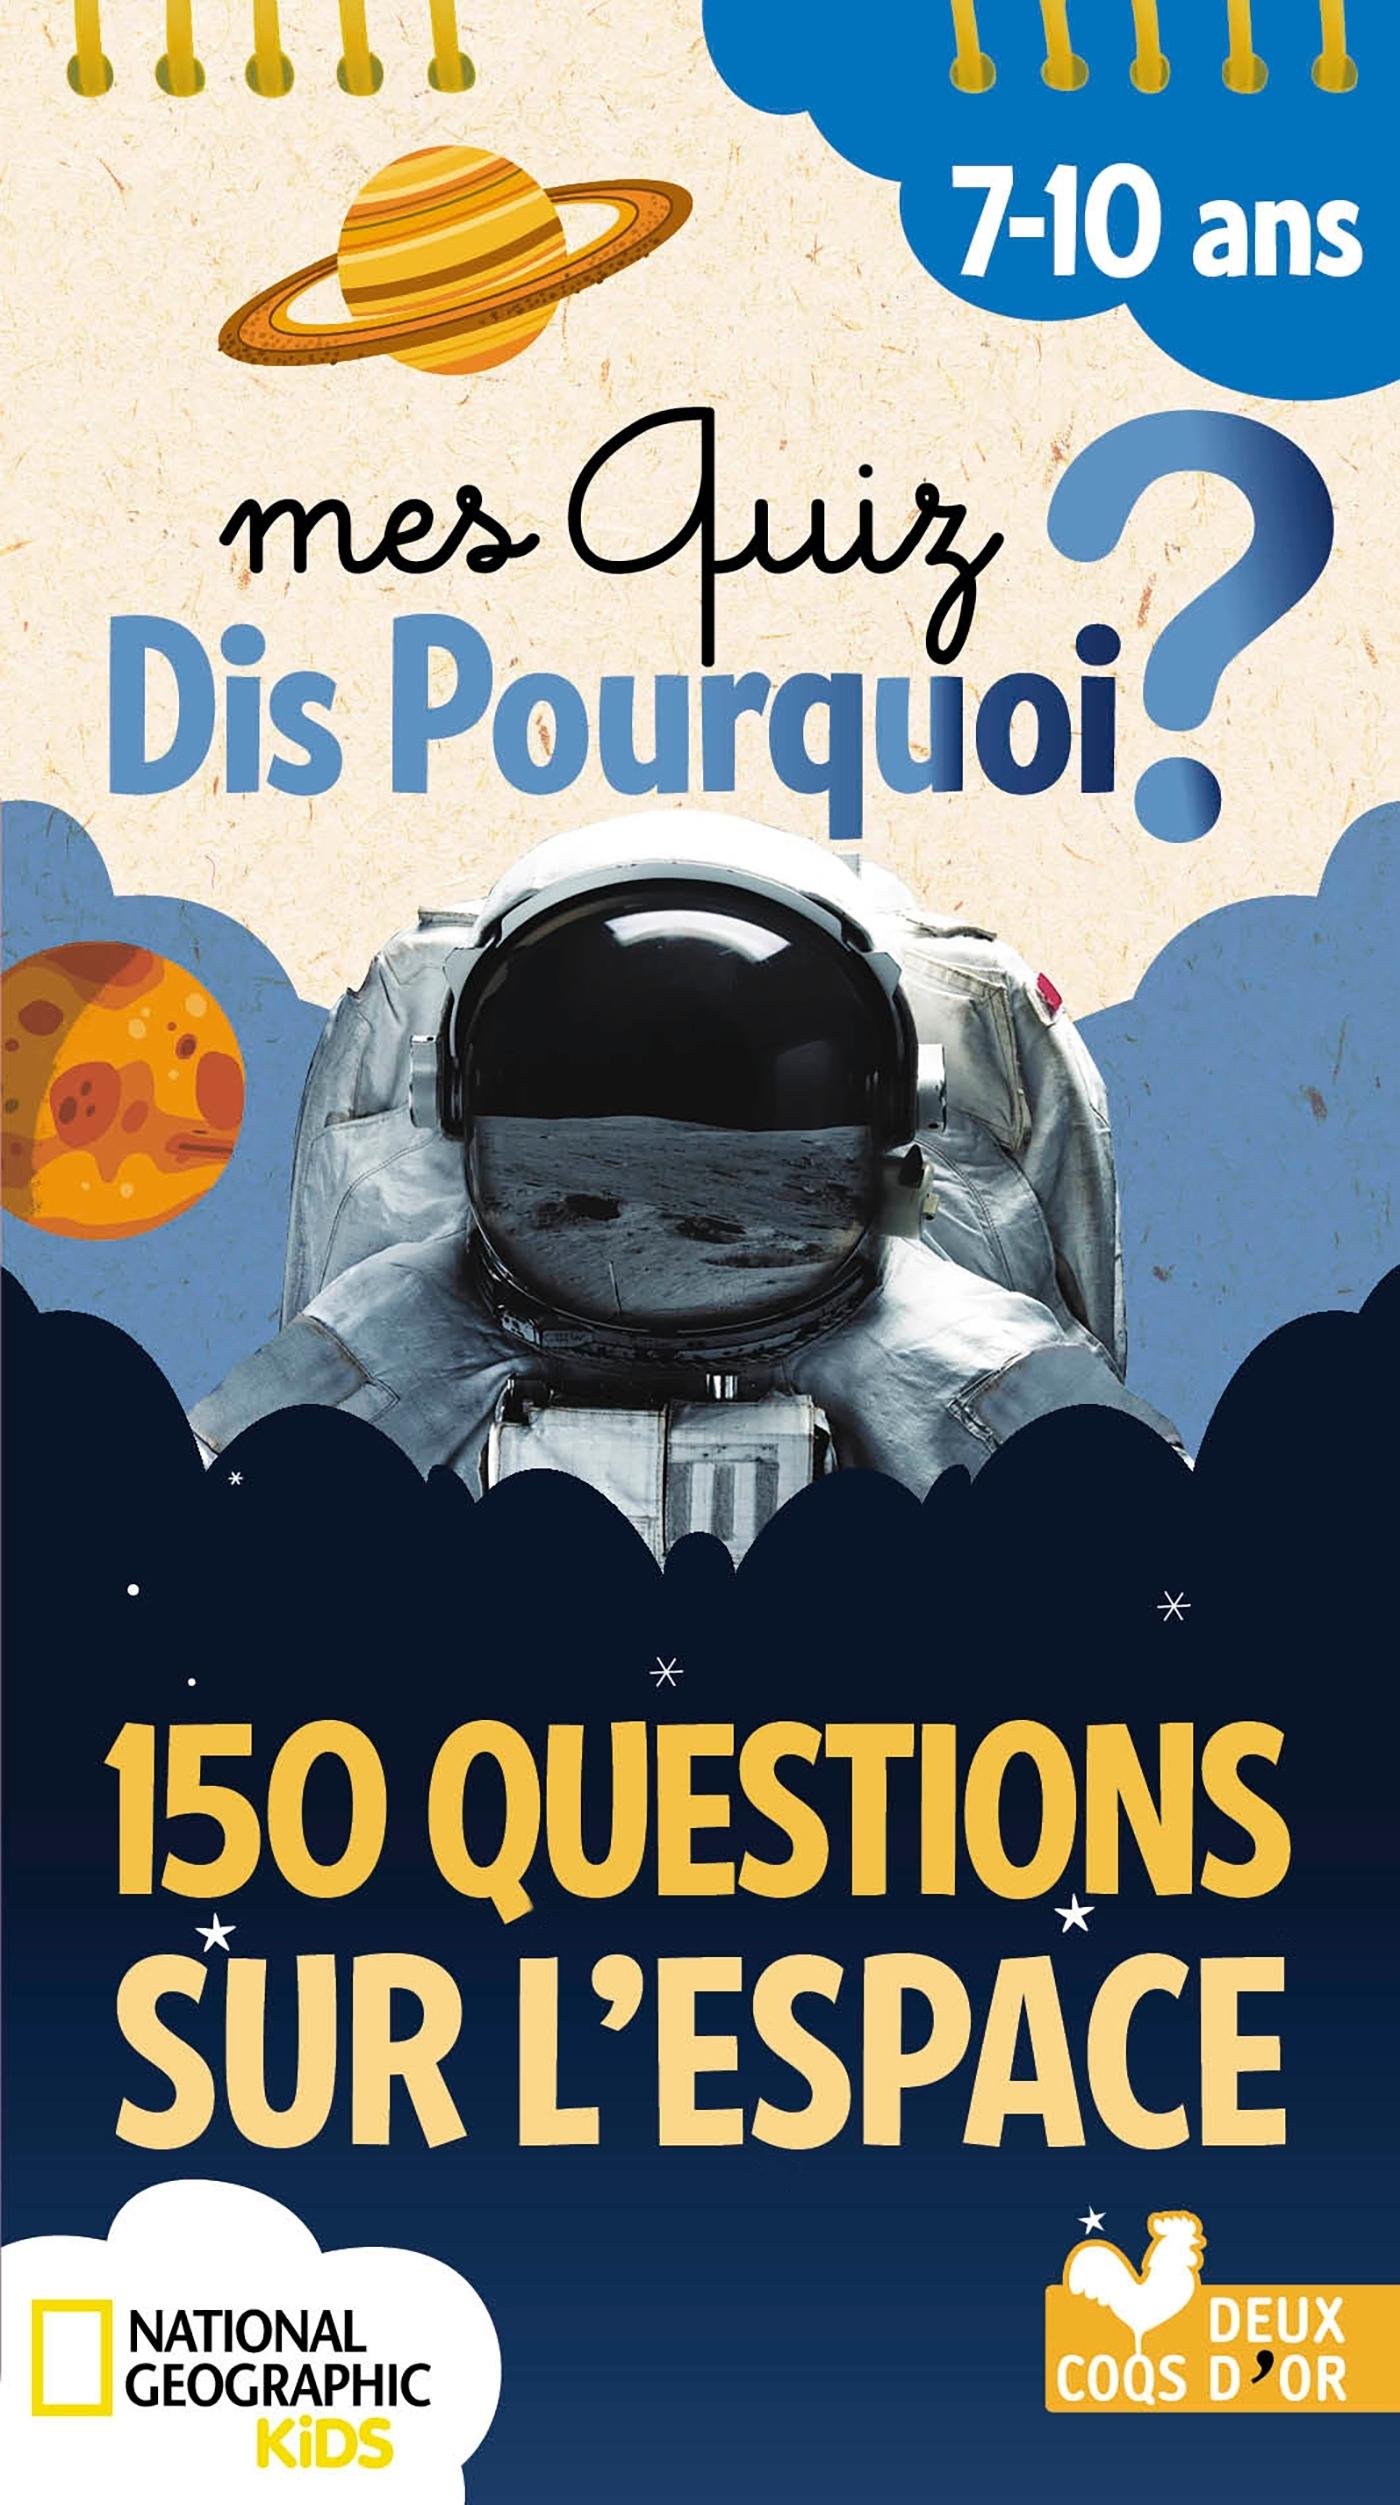 150 QUESTIONS SUR L'ESPACE - NATIONAL GEOGRAPHIC